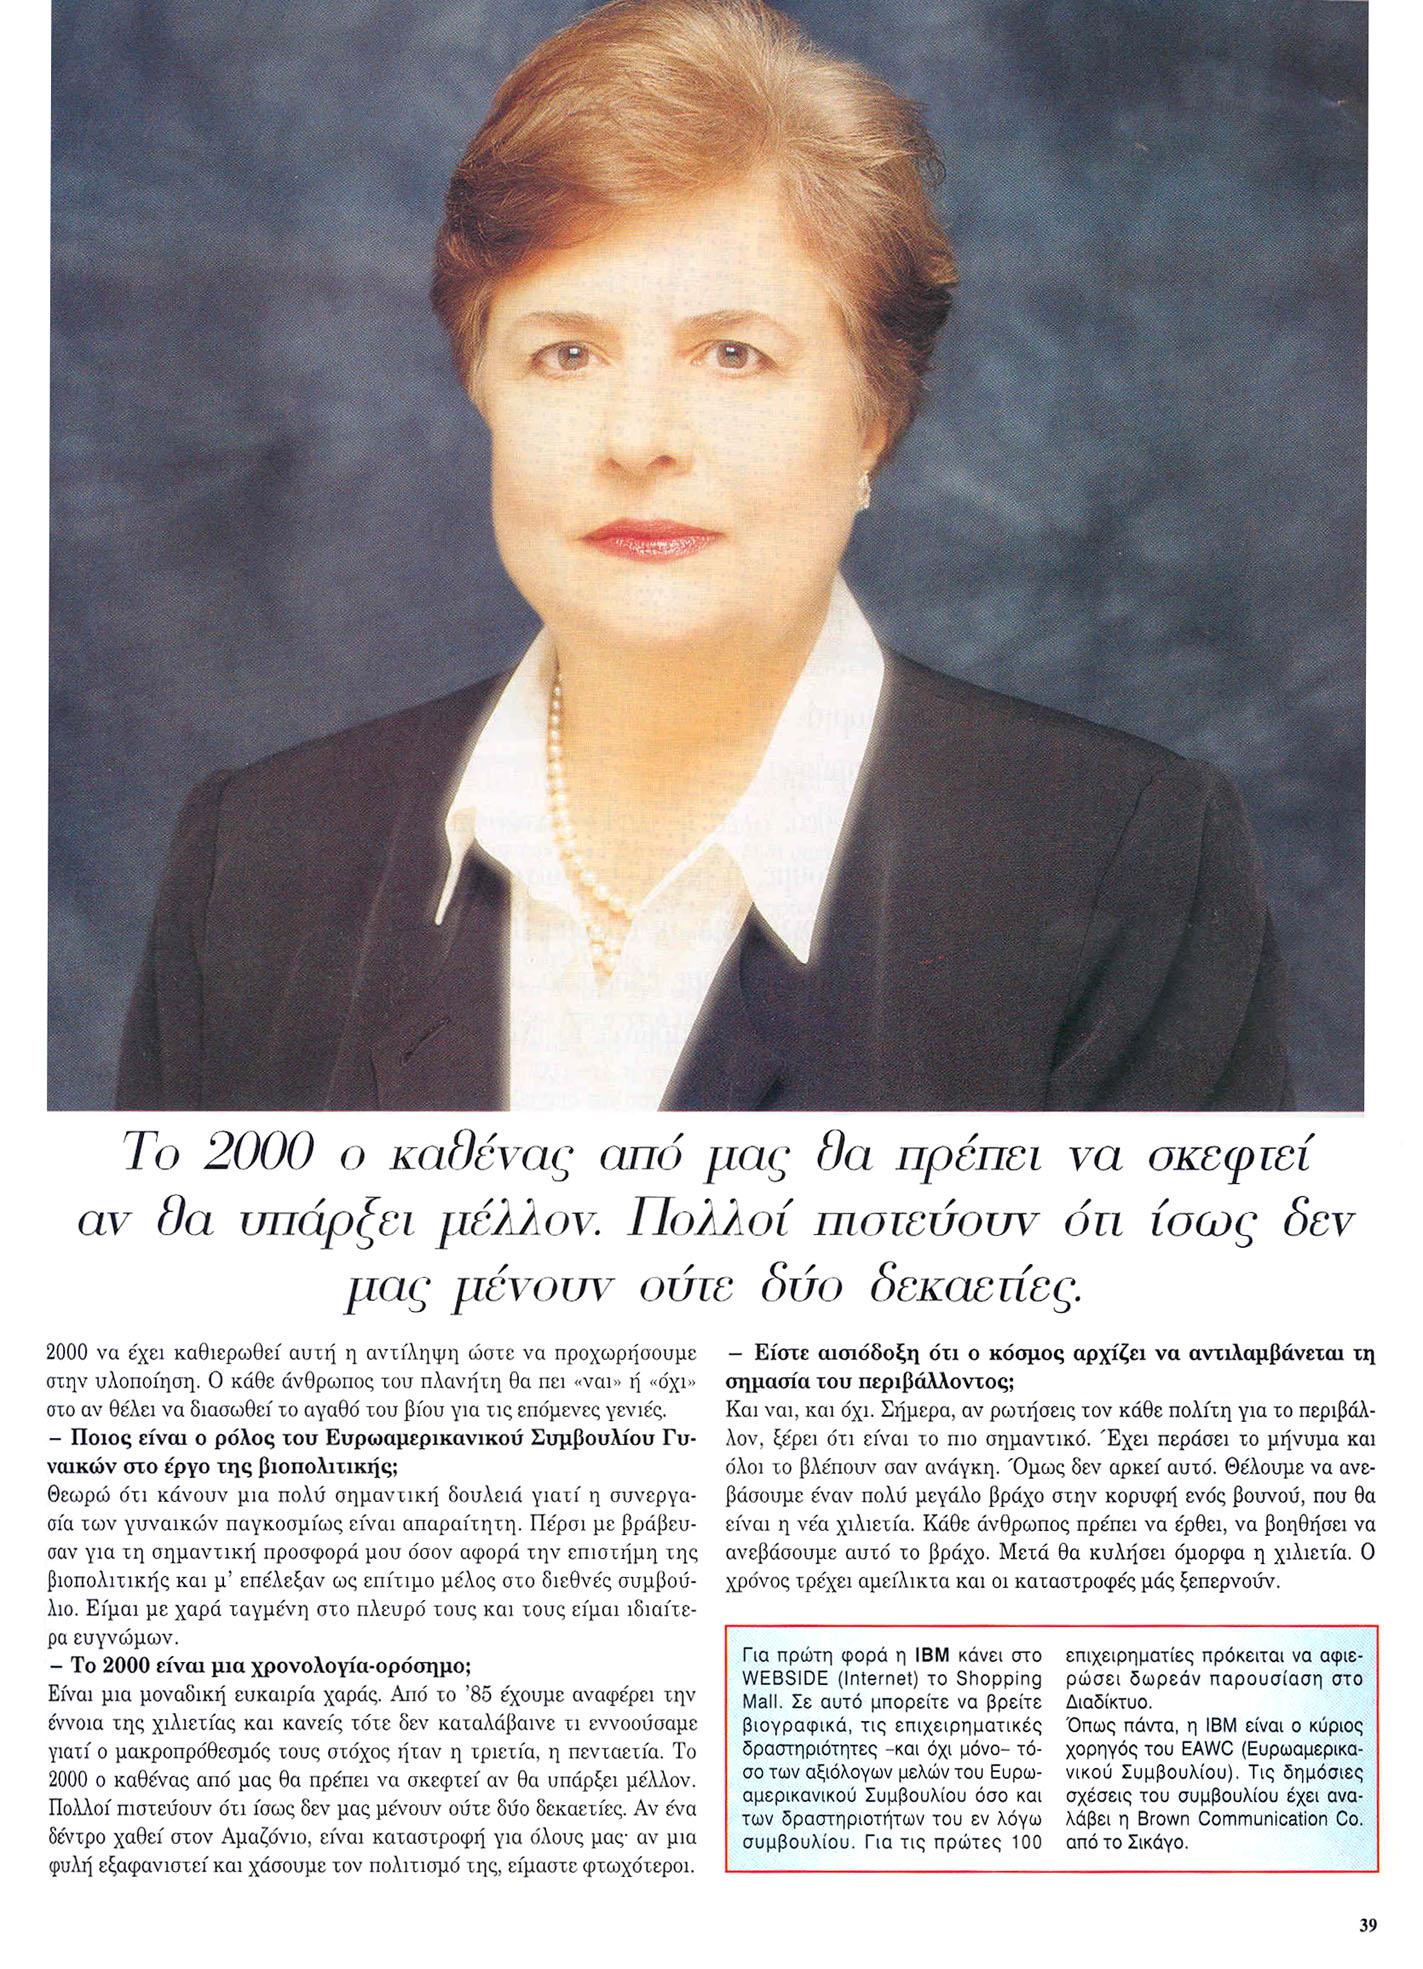 Diva 2000 biopolitics international organisation b i o for Diva 2000